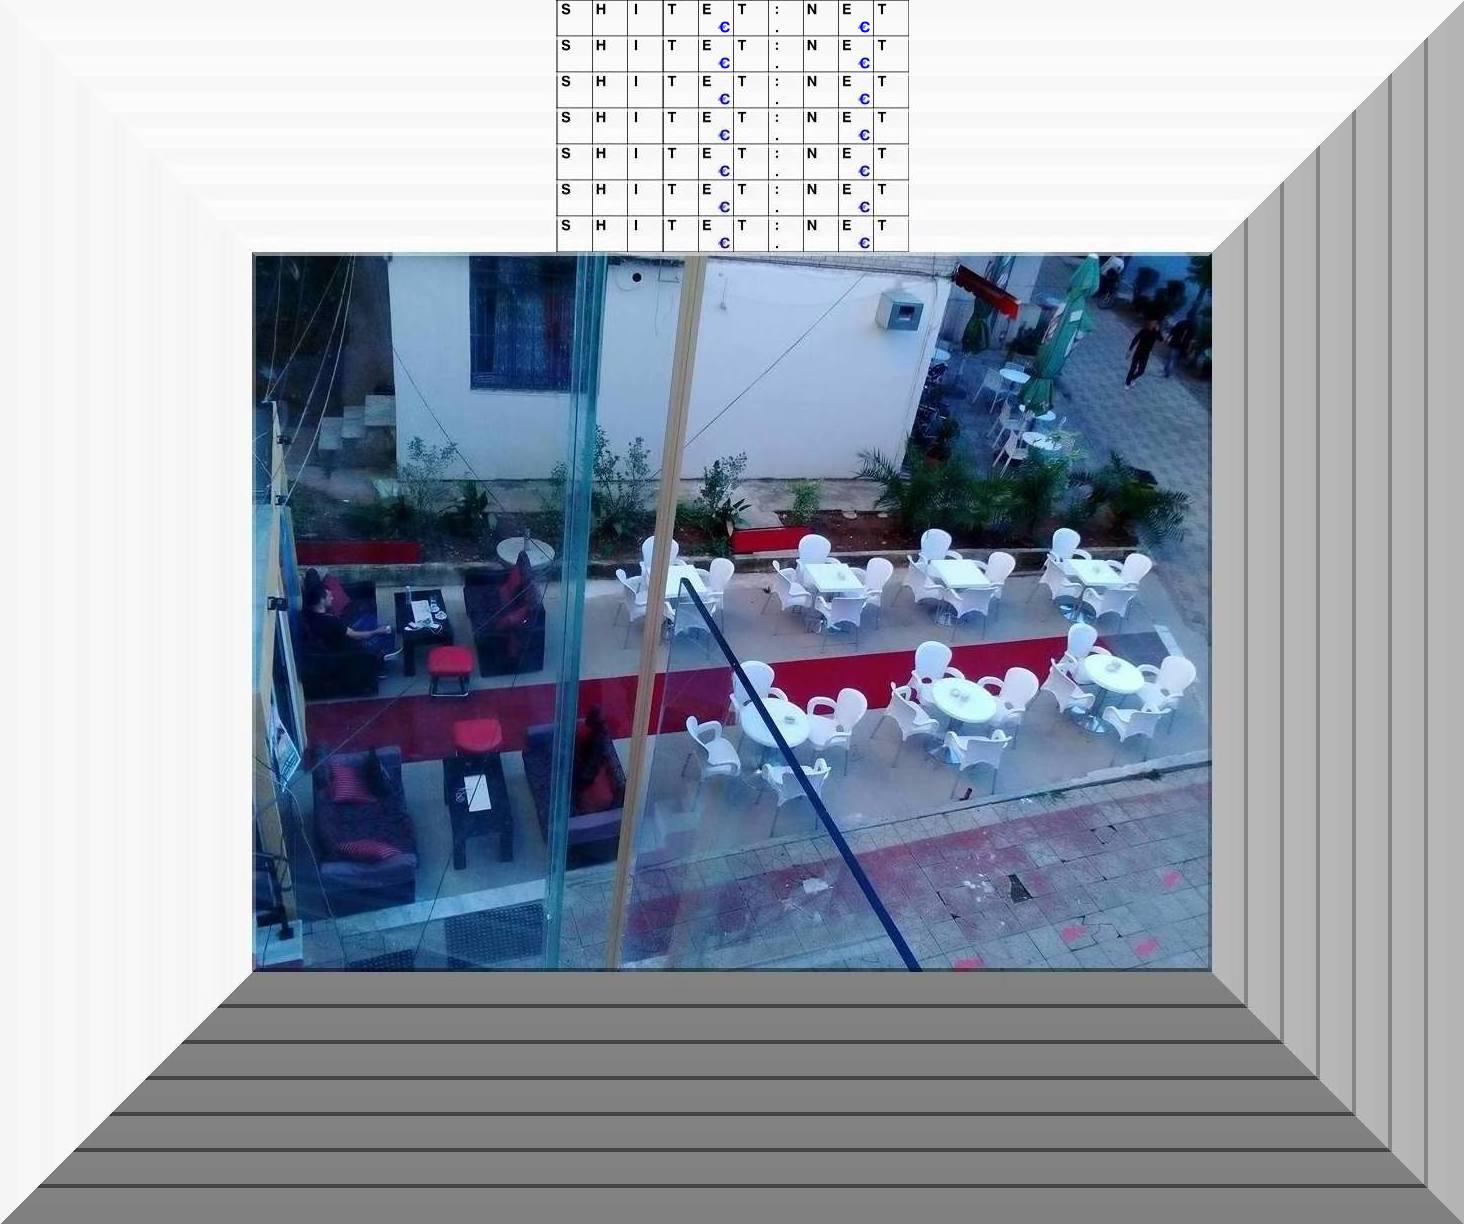 7 Komplete tavolinash me 4 karrige